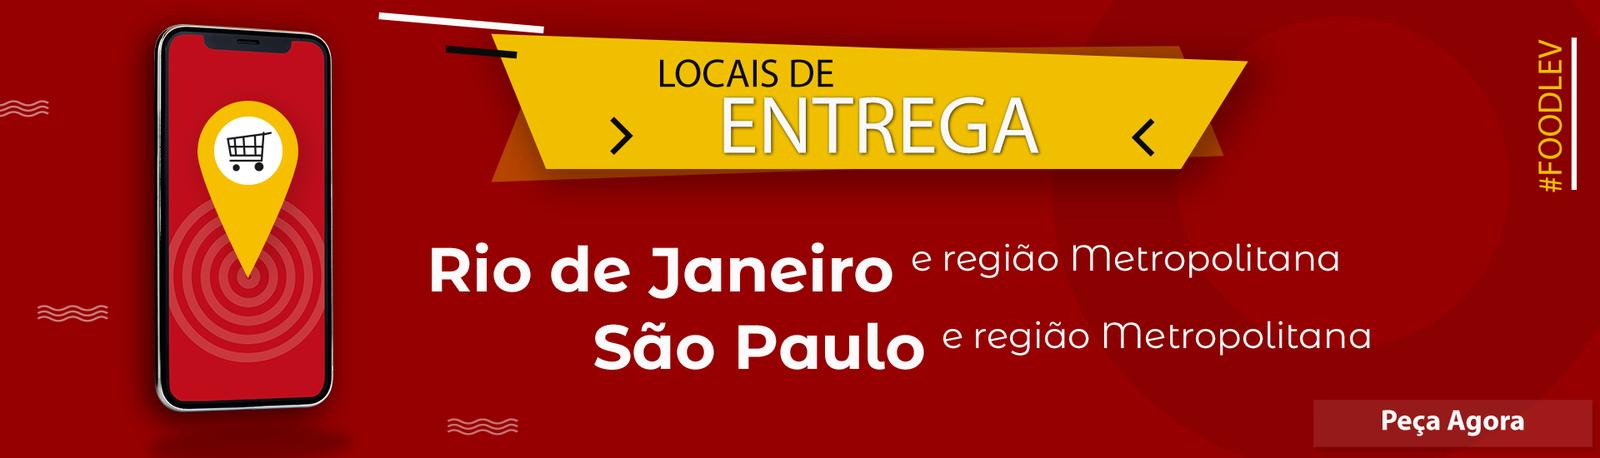 Locais Entrega